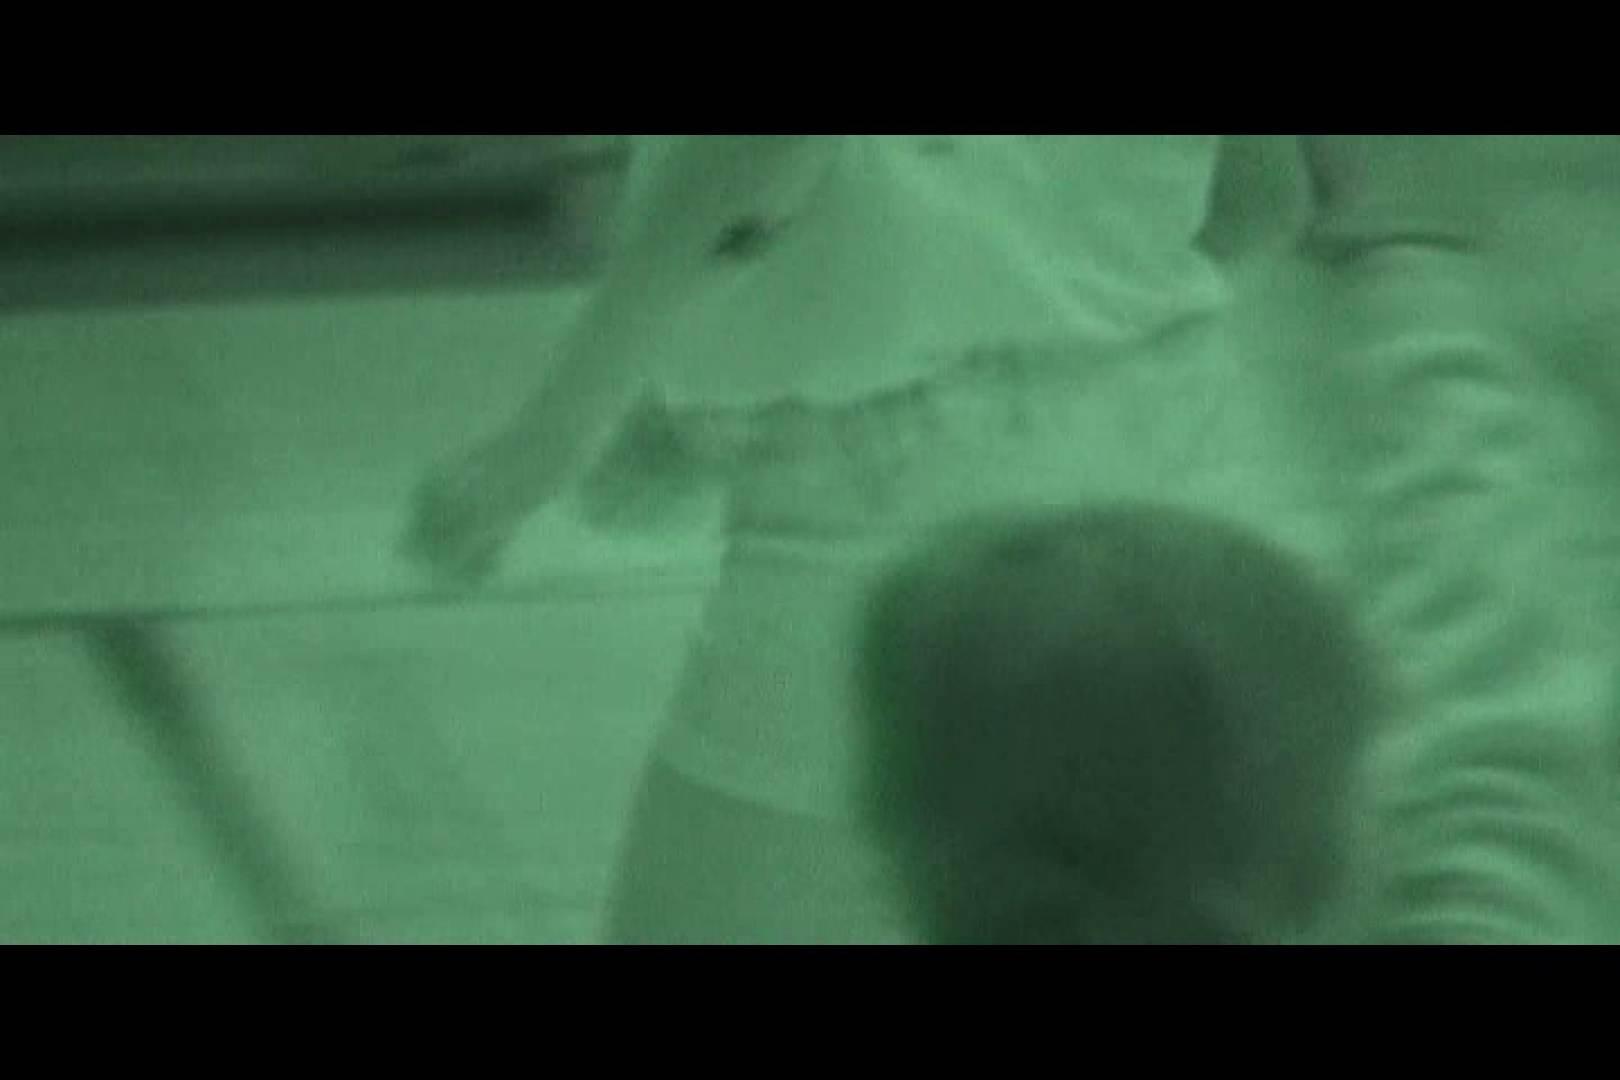 赤外線ムレスケバレー(汗) vol.16 OLのエロ生活 オマンコ動画キャプチャ 21連発 17